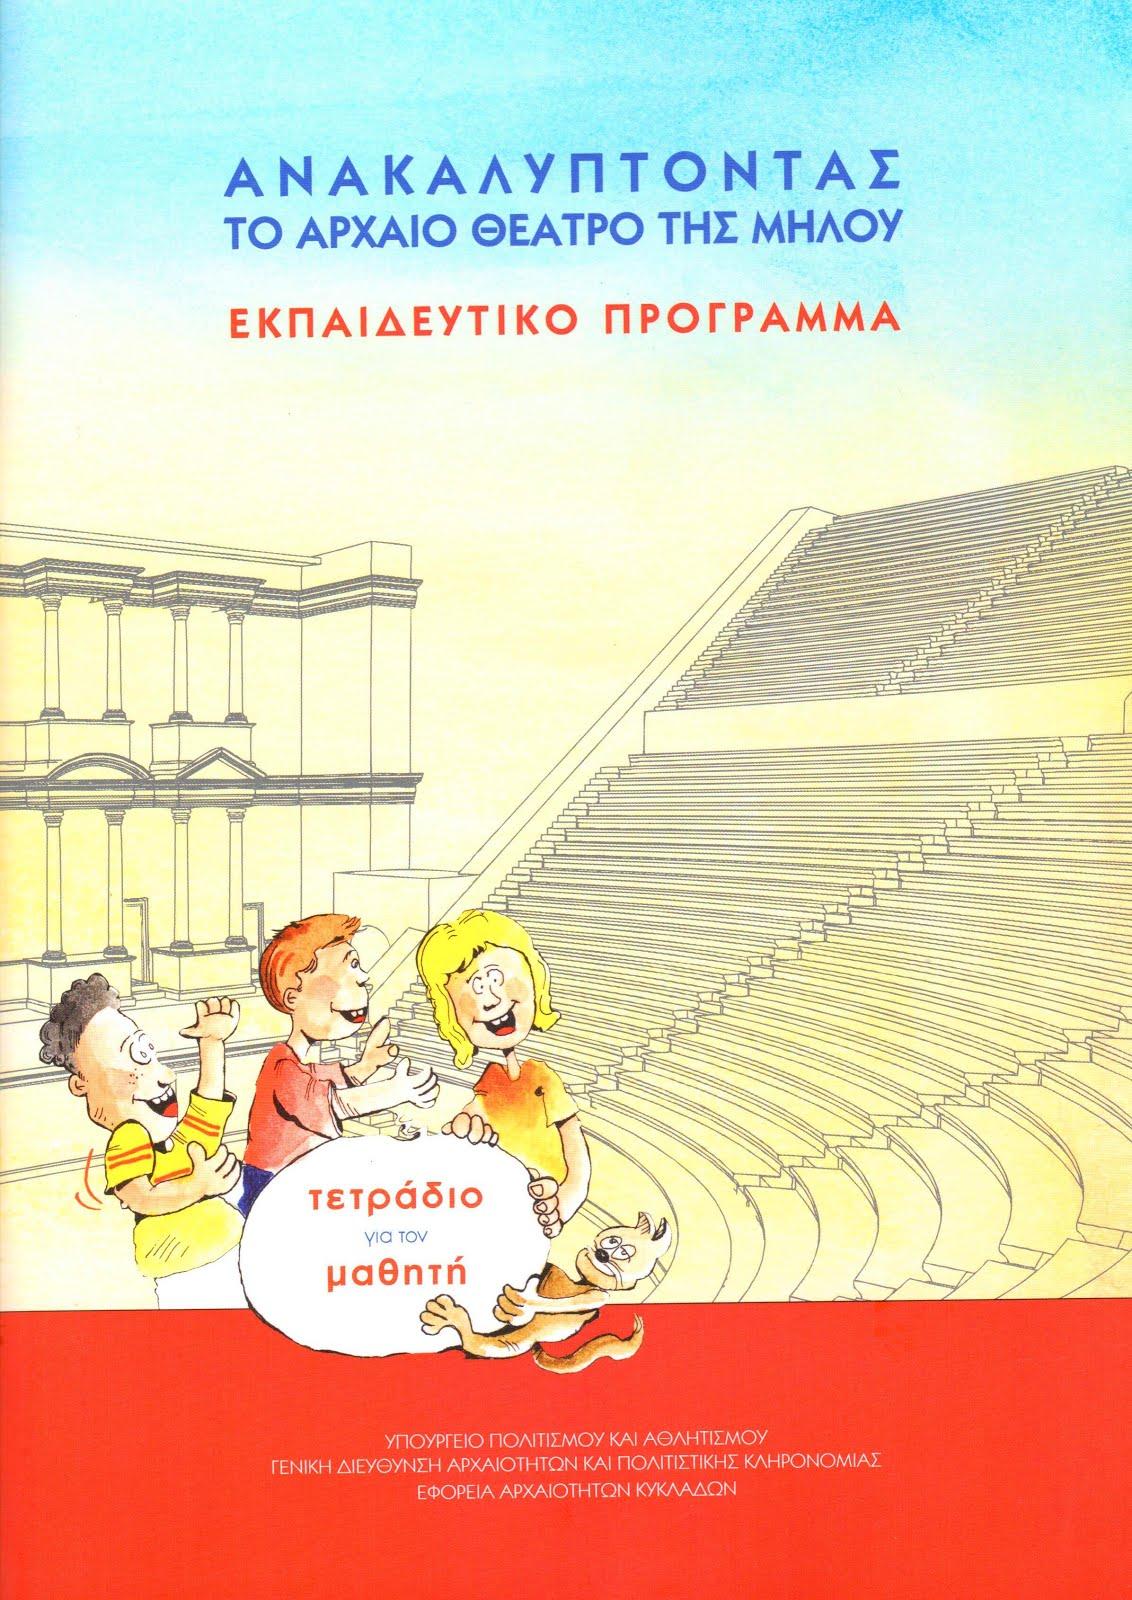 Ανακαλύπτοντας το αρχαίο θέατρο Μήλου